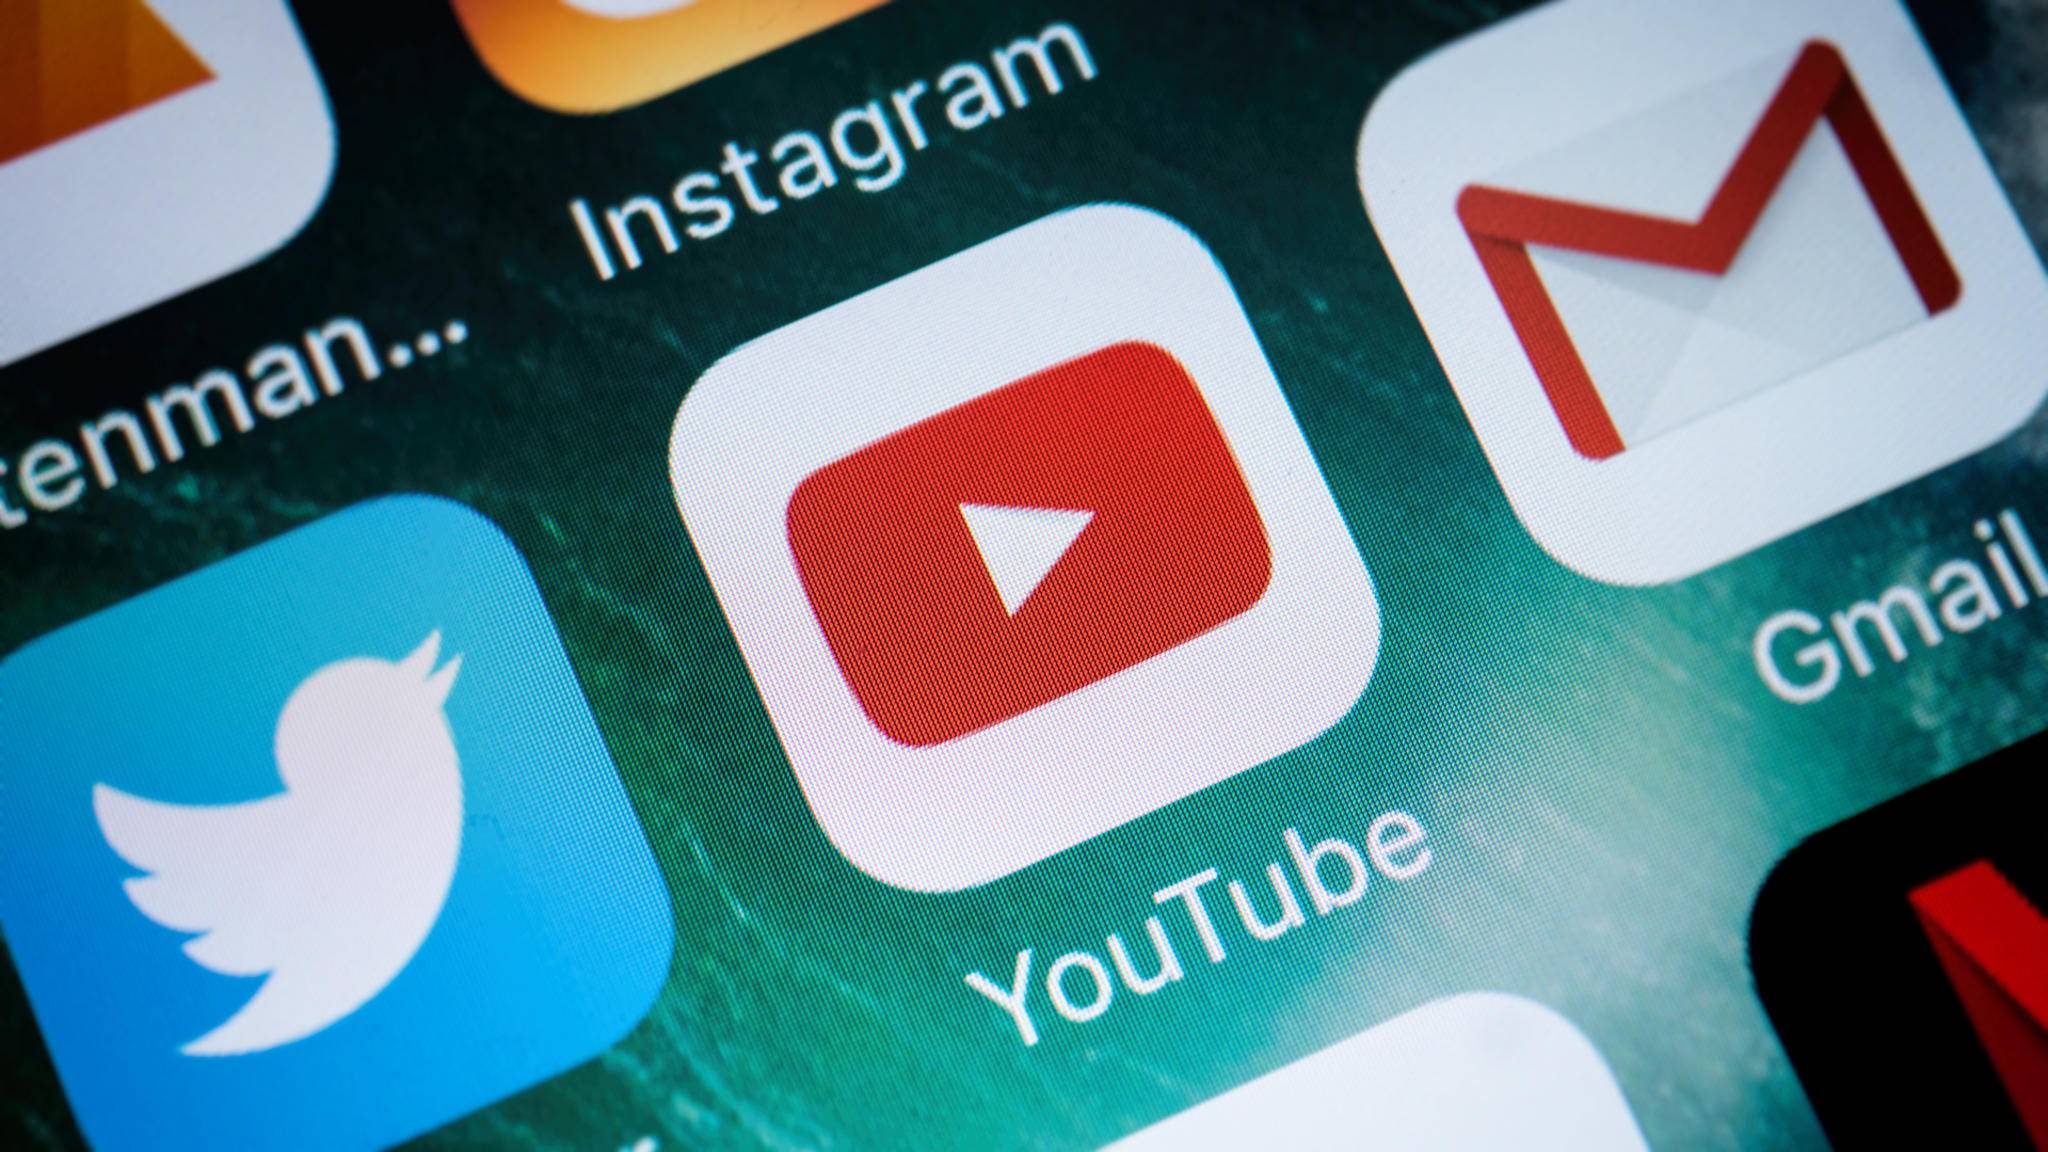 Innerhalb der YouTube-App kannst Du jetzt in 10-Sekunden-Sprüngen Vor- und Zurückspulen.